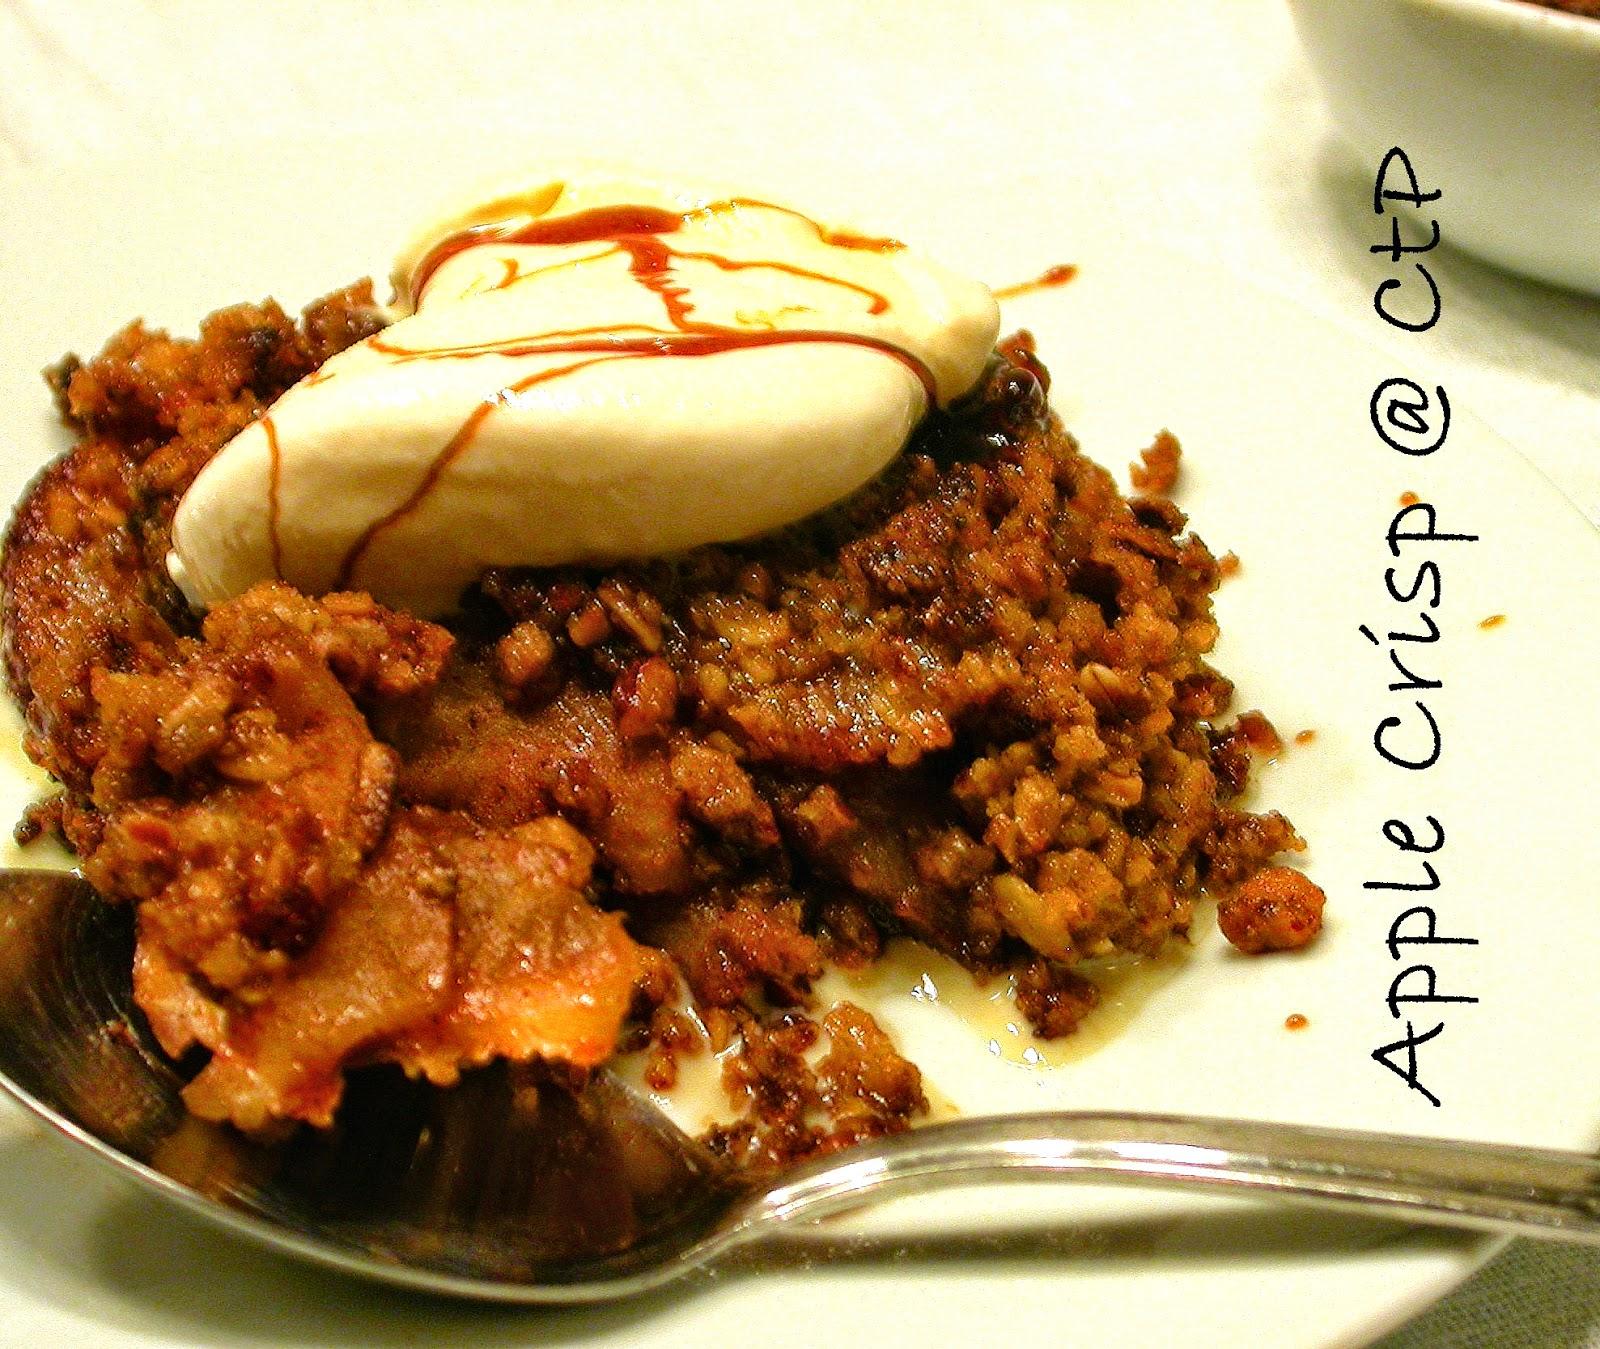 Apple crisp con gelato alla vaniglia